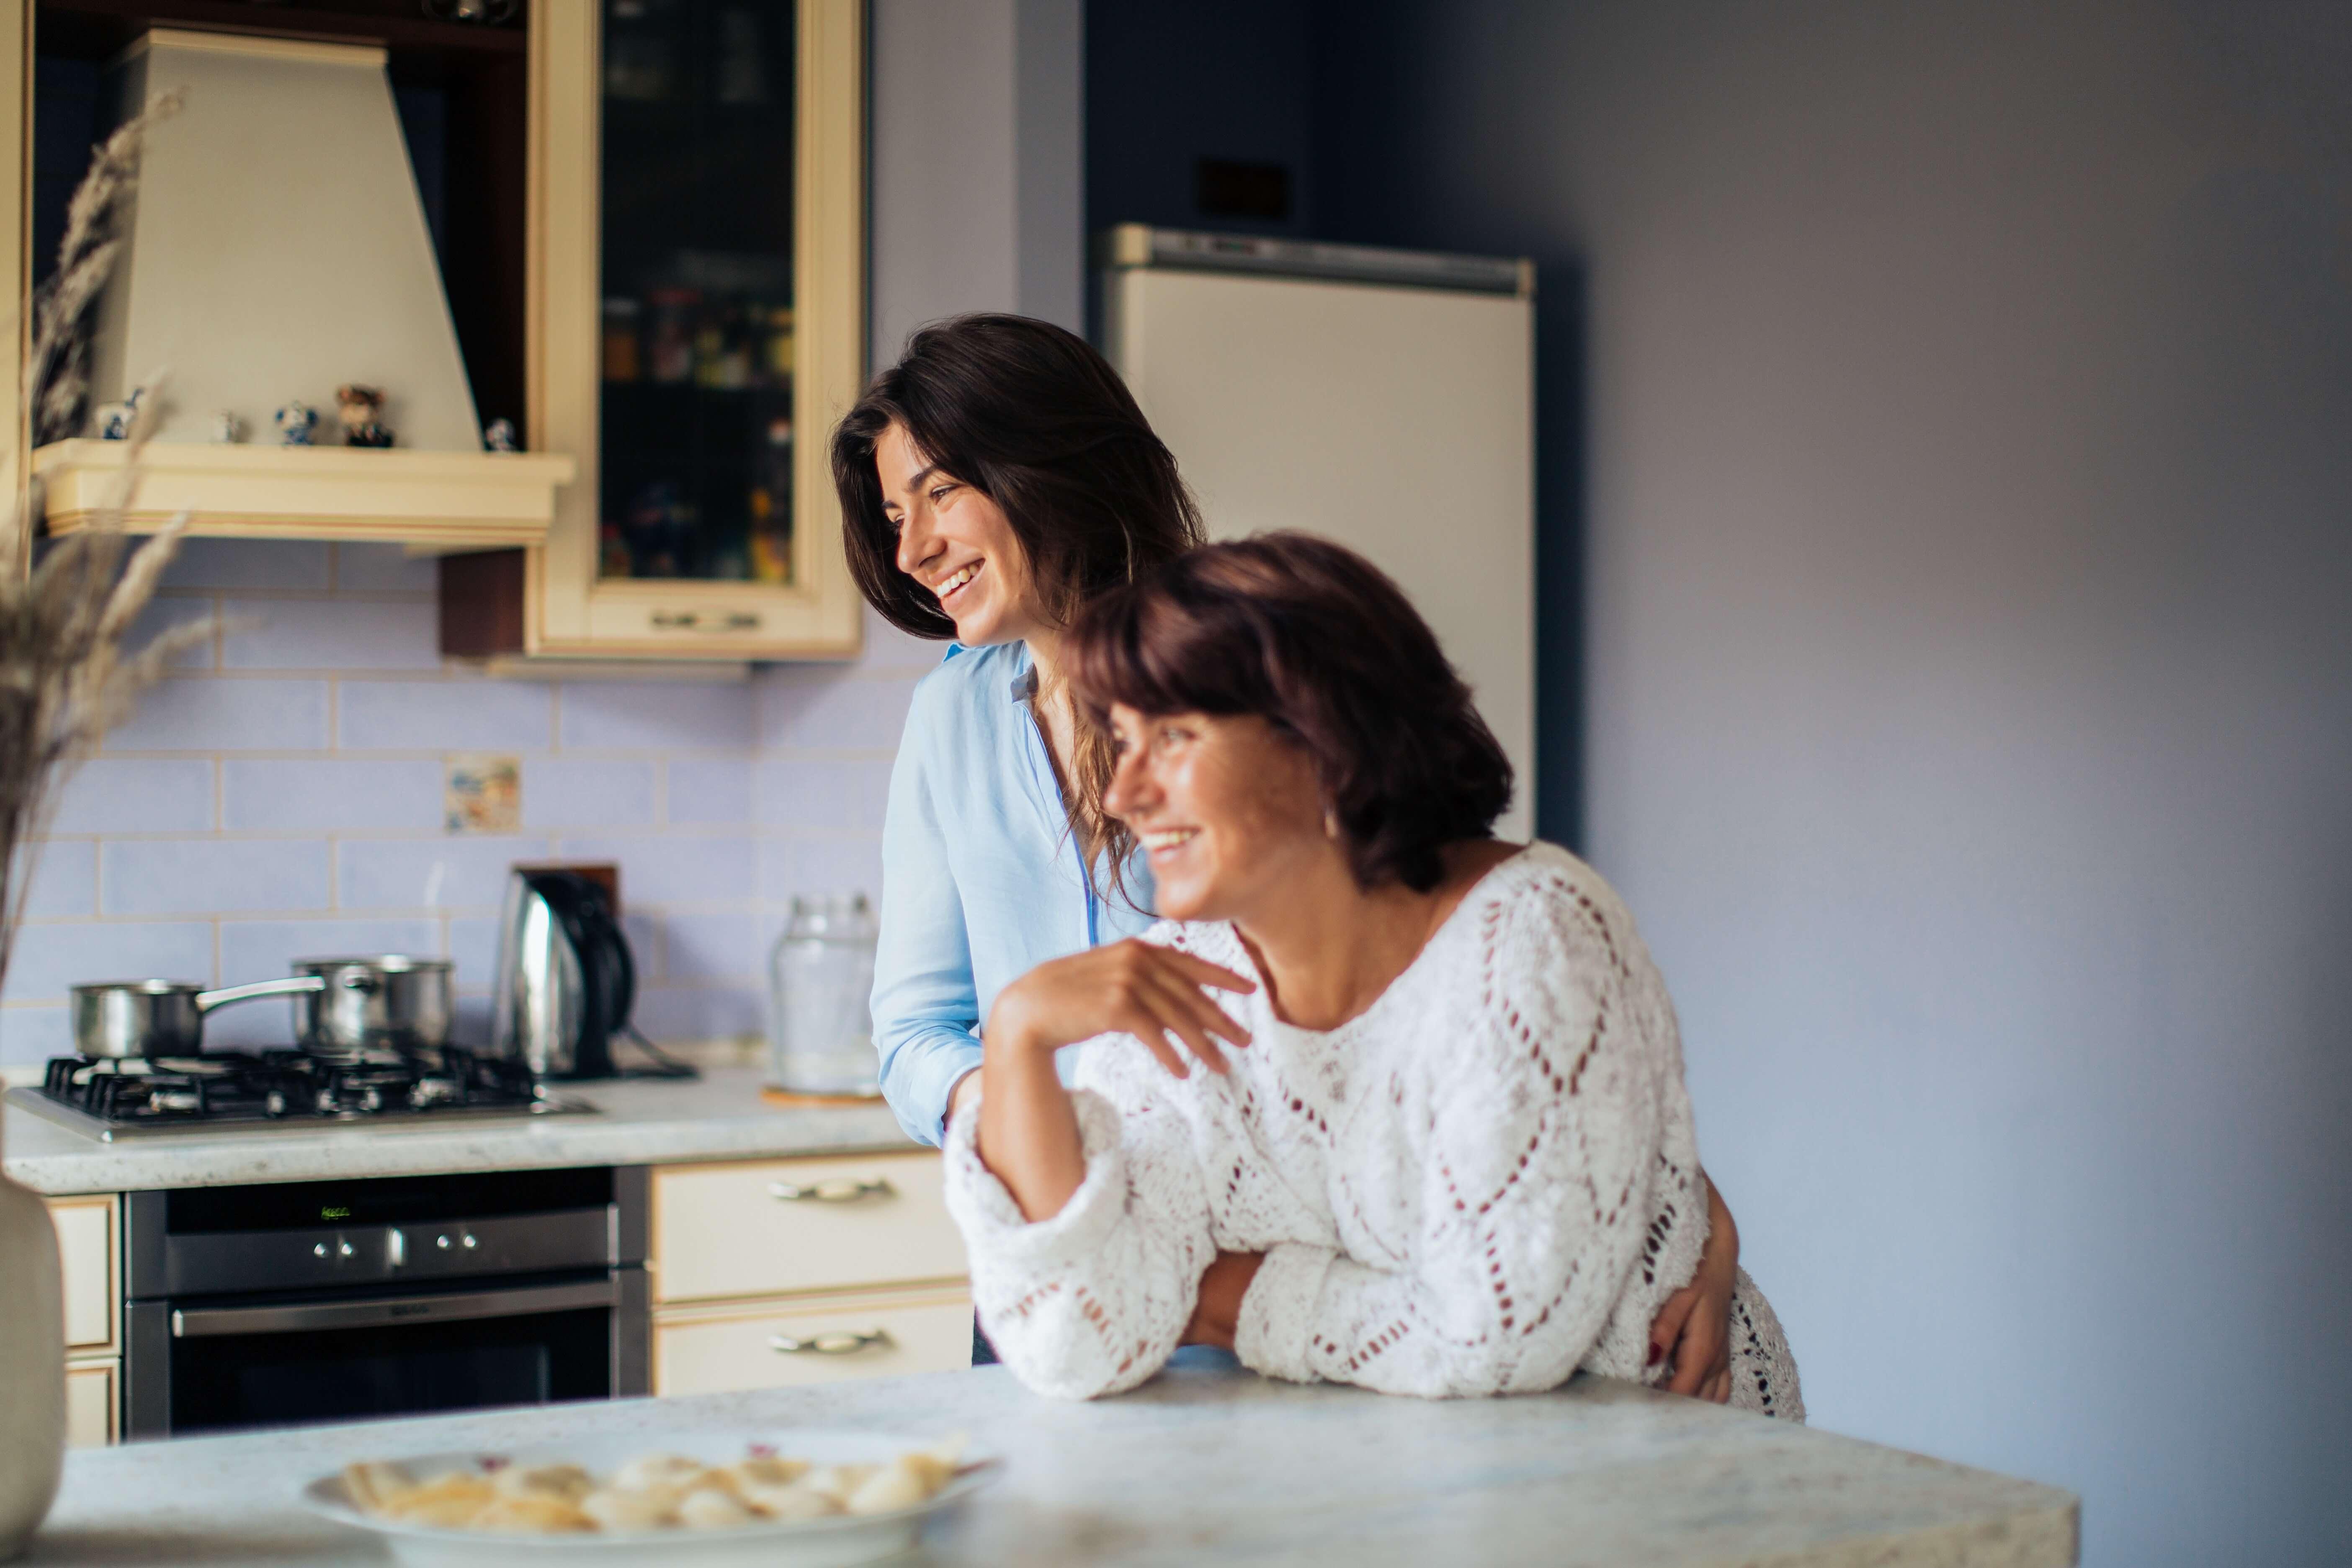 Как взрослой дочери наладить отношения с мамой? 8 cоветов психолога, фото | Онлайн-журнал Психо/логика